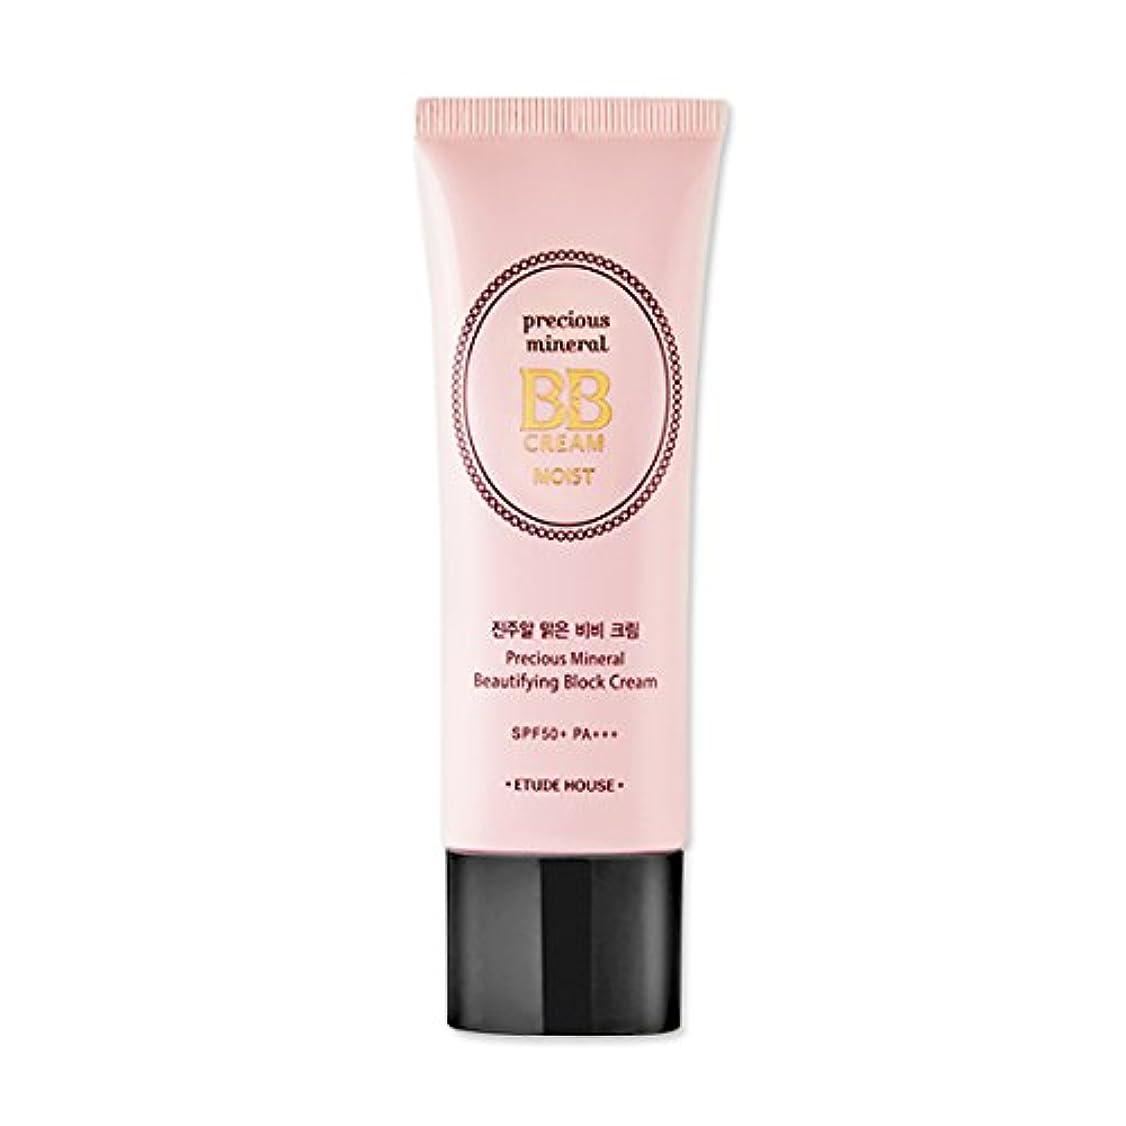 友だちギャンブル人生を作る[New] ETUDE HOUSE Precious Mineral BB Cream * Moist * 45g/エチュードハウス プレシャス ミネラル BBクリーム * モイスト * 45g (#Sand) [並行輸入品]